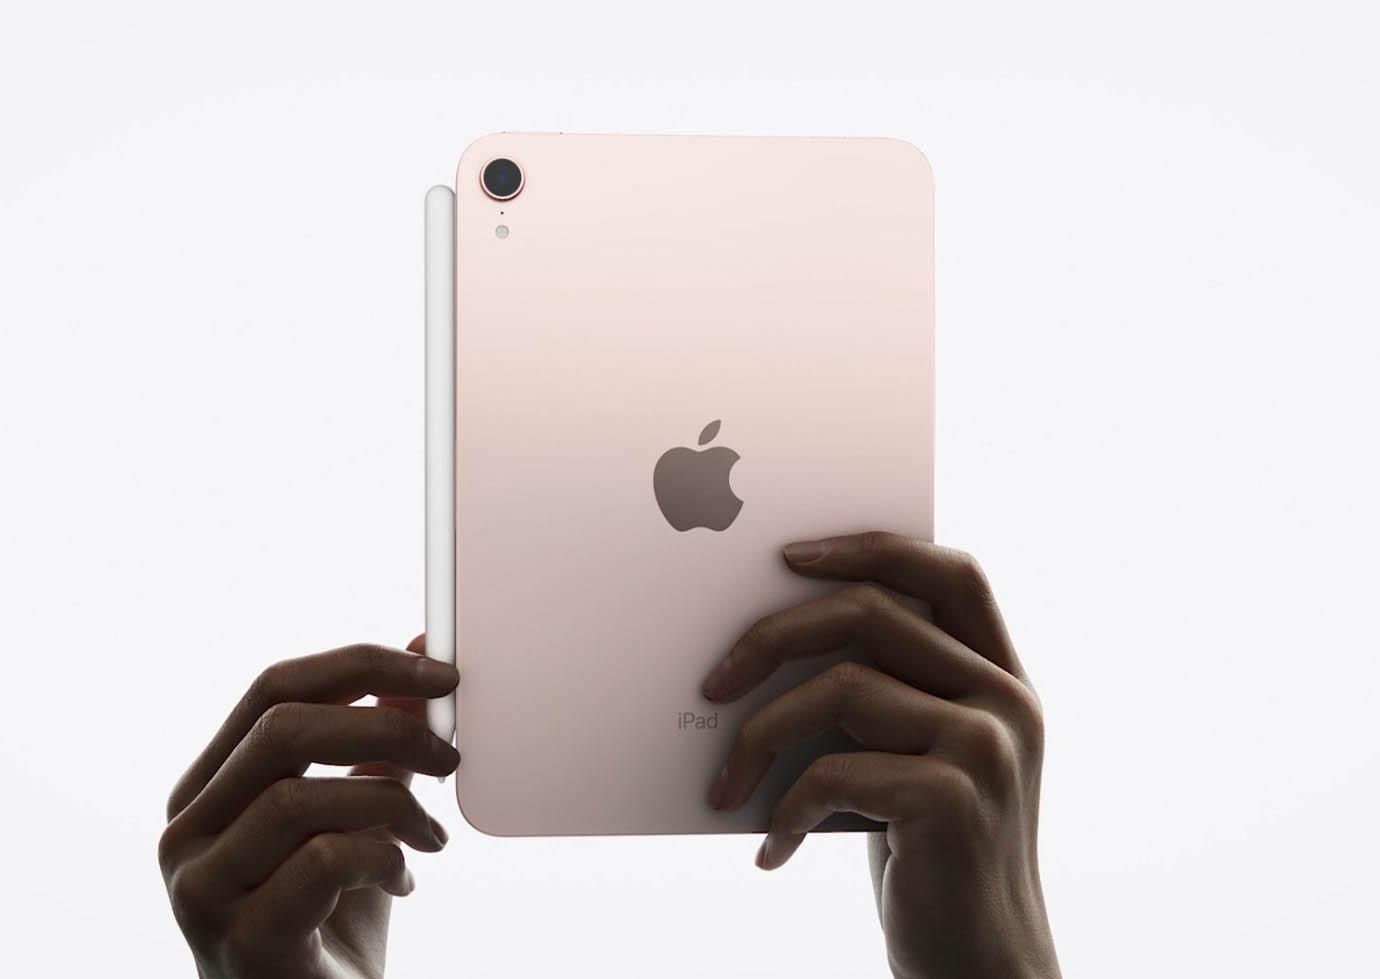 Apple анонсировала новый iPad Mini с более тонкими рамками, портом USB-C, поддержкой 5G и Apple Pencil 2-го поколения - ITC.ua